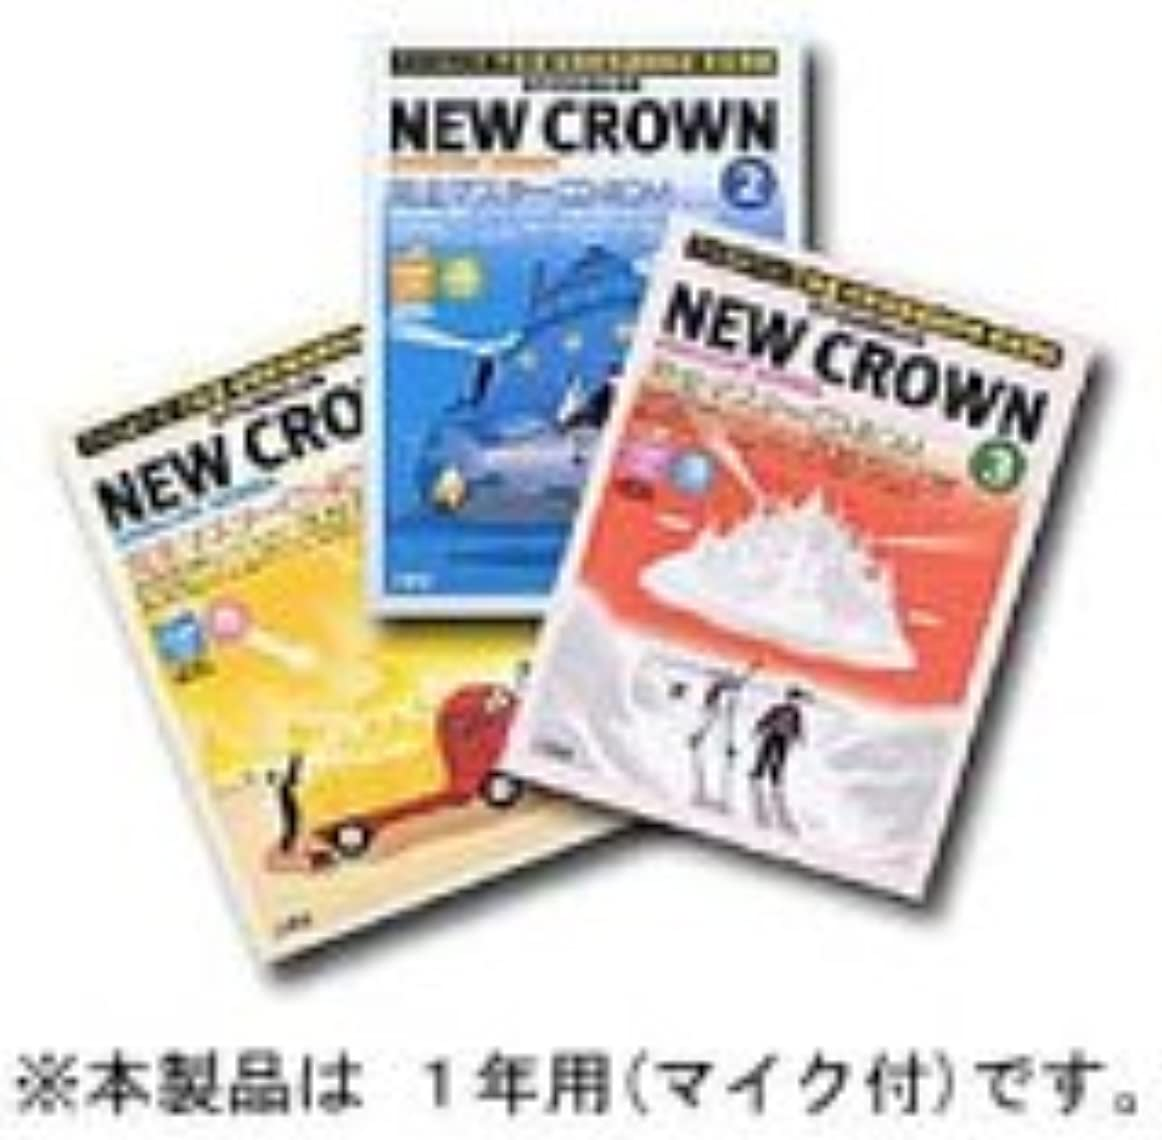 設計図限定見分けるNEW CROWN完全マスターCD-ROM 1年<マイク付き>